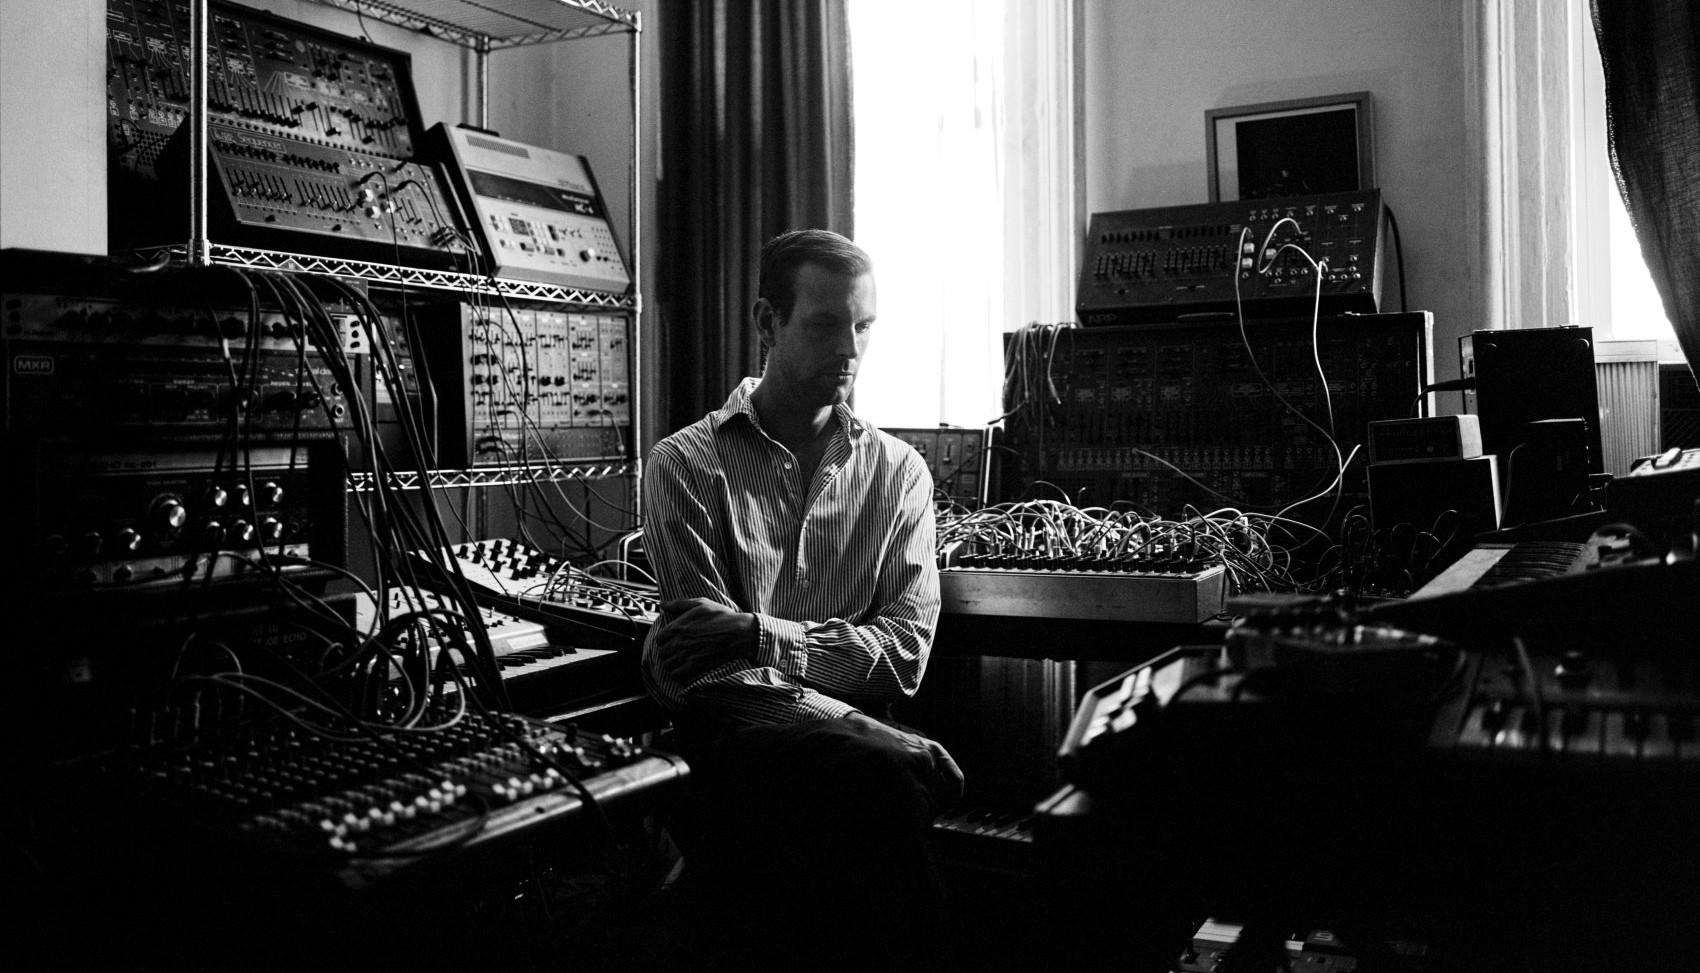 Шон Макбрайд из Xeno & Oaklander представил новый альбом под псевдонимом Martial Canterel